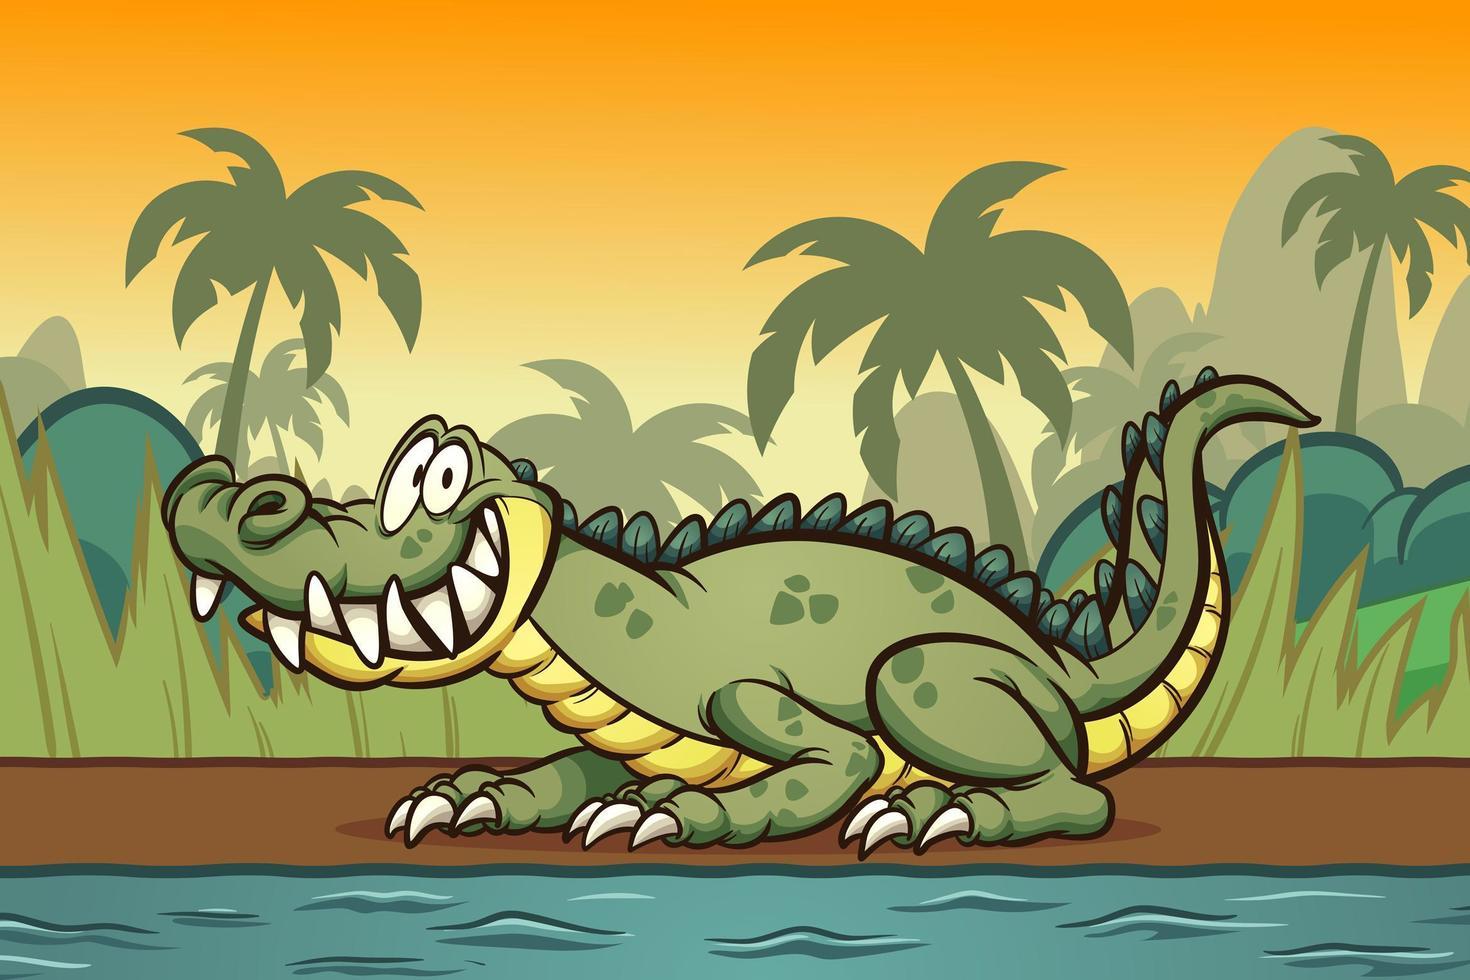 coccodrillo del fumetto sulla riva del fiume vettore